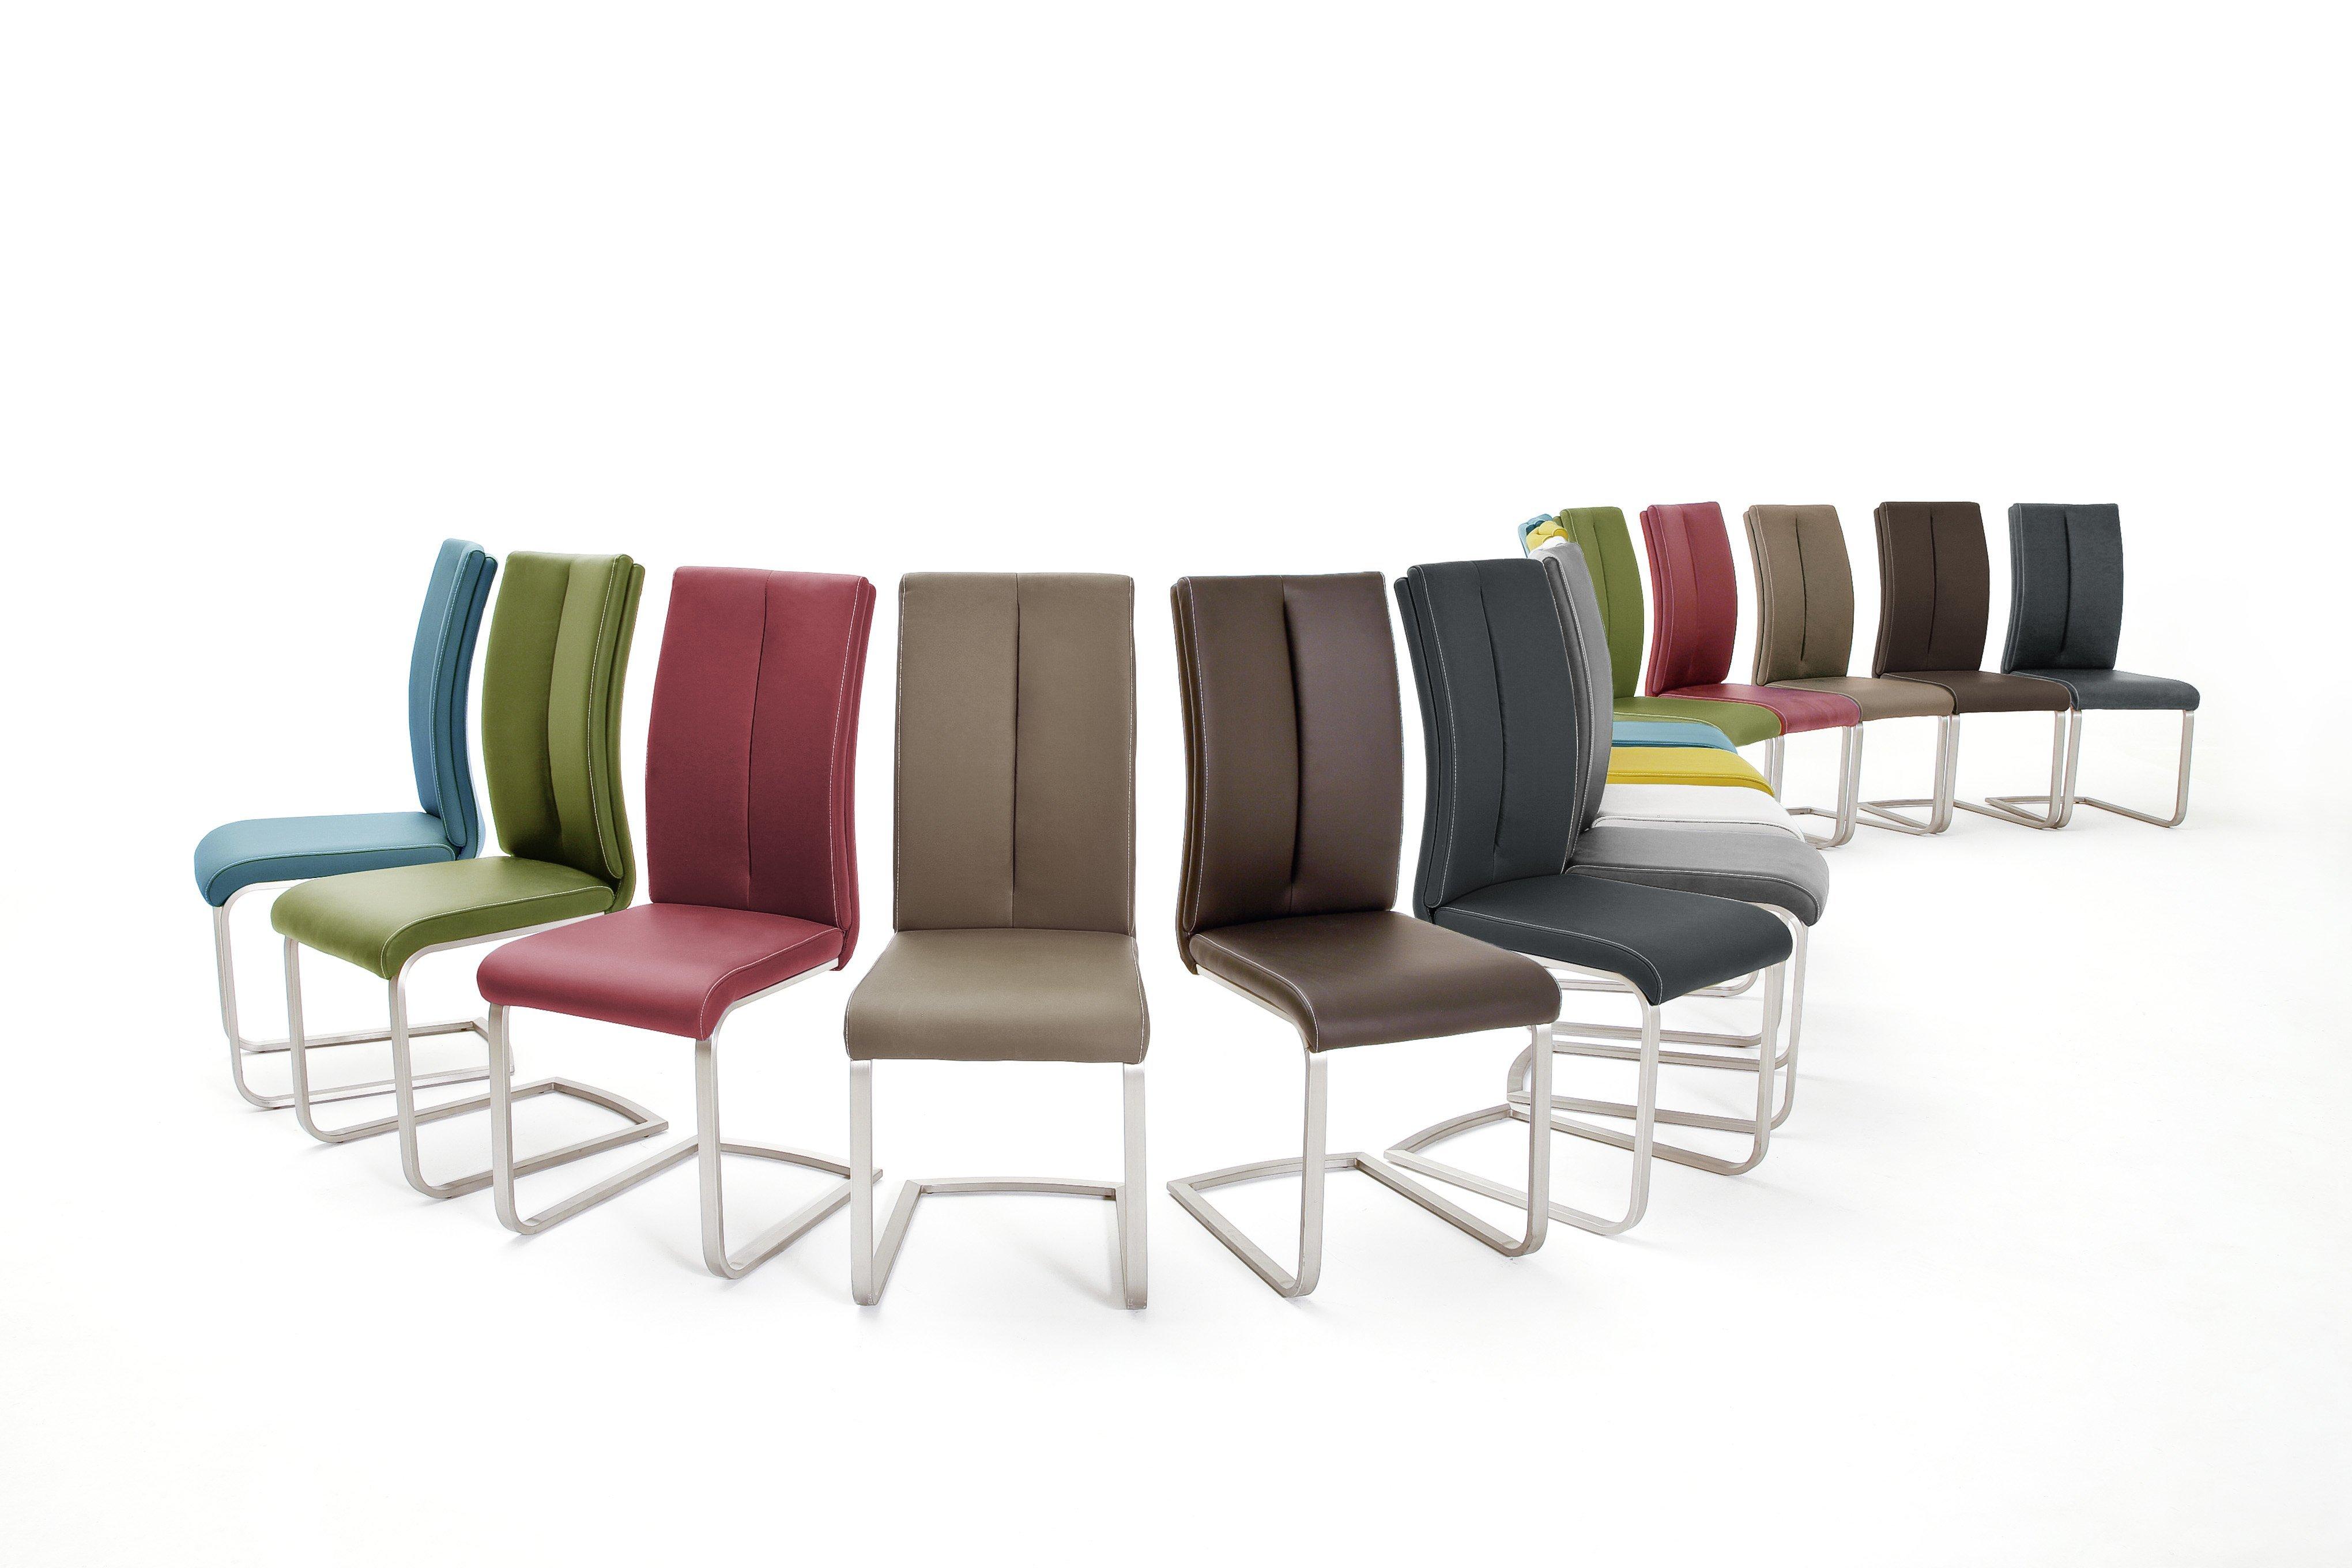 Schwing- Stuhl Paulo II von MCA furniture